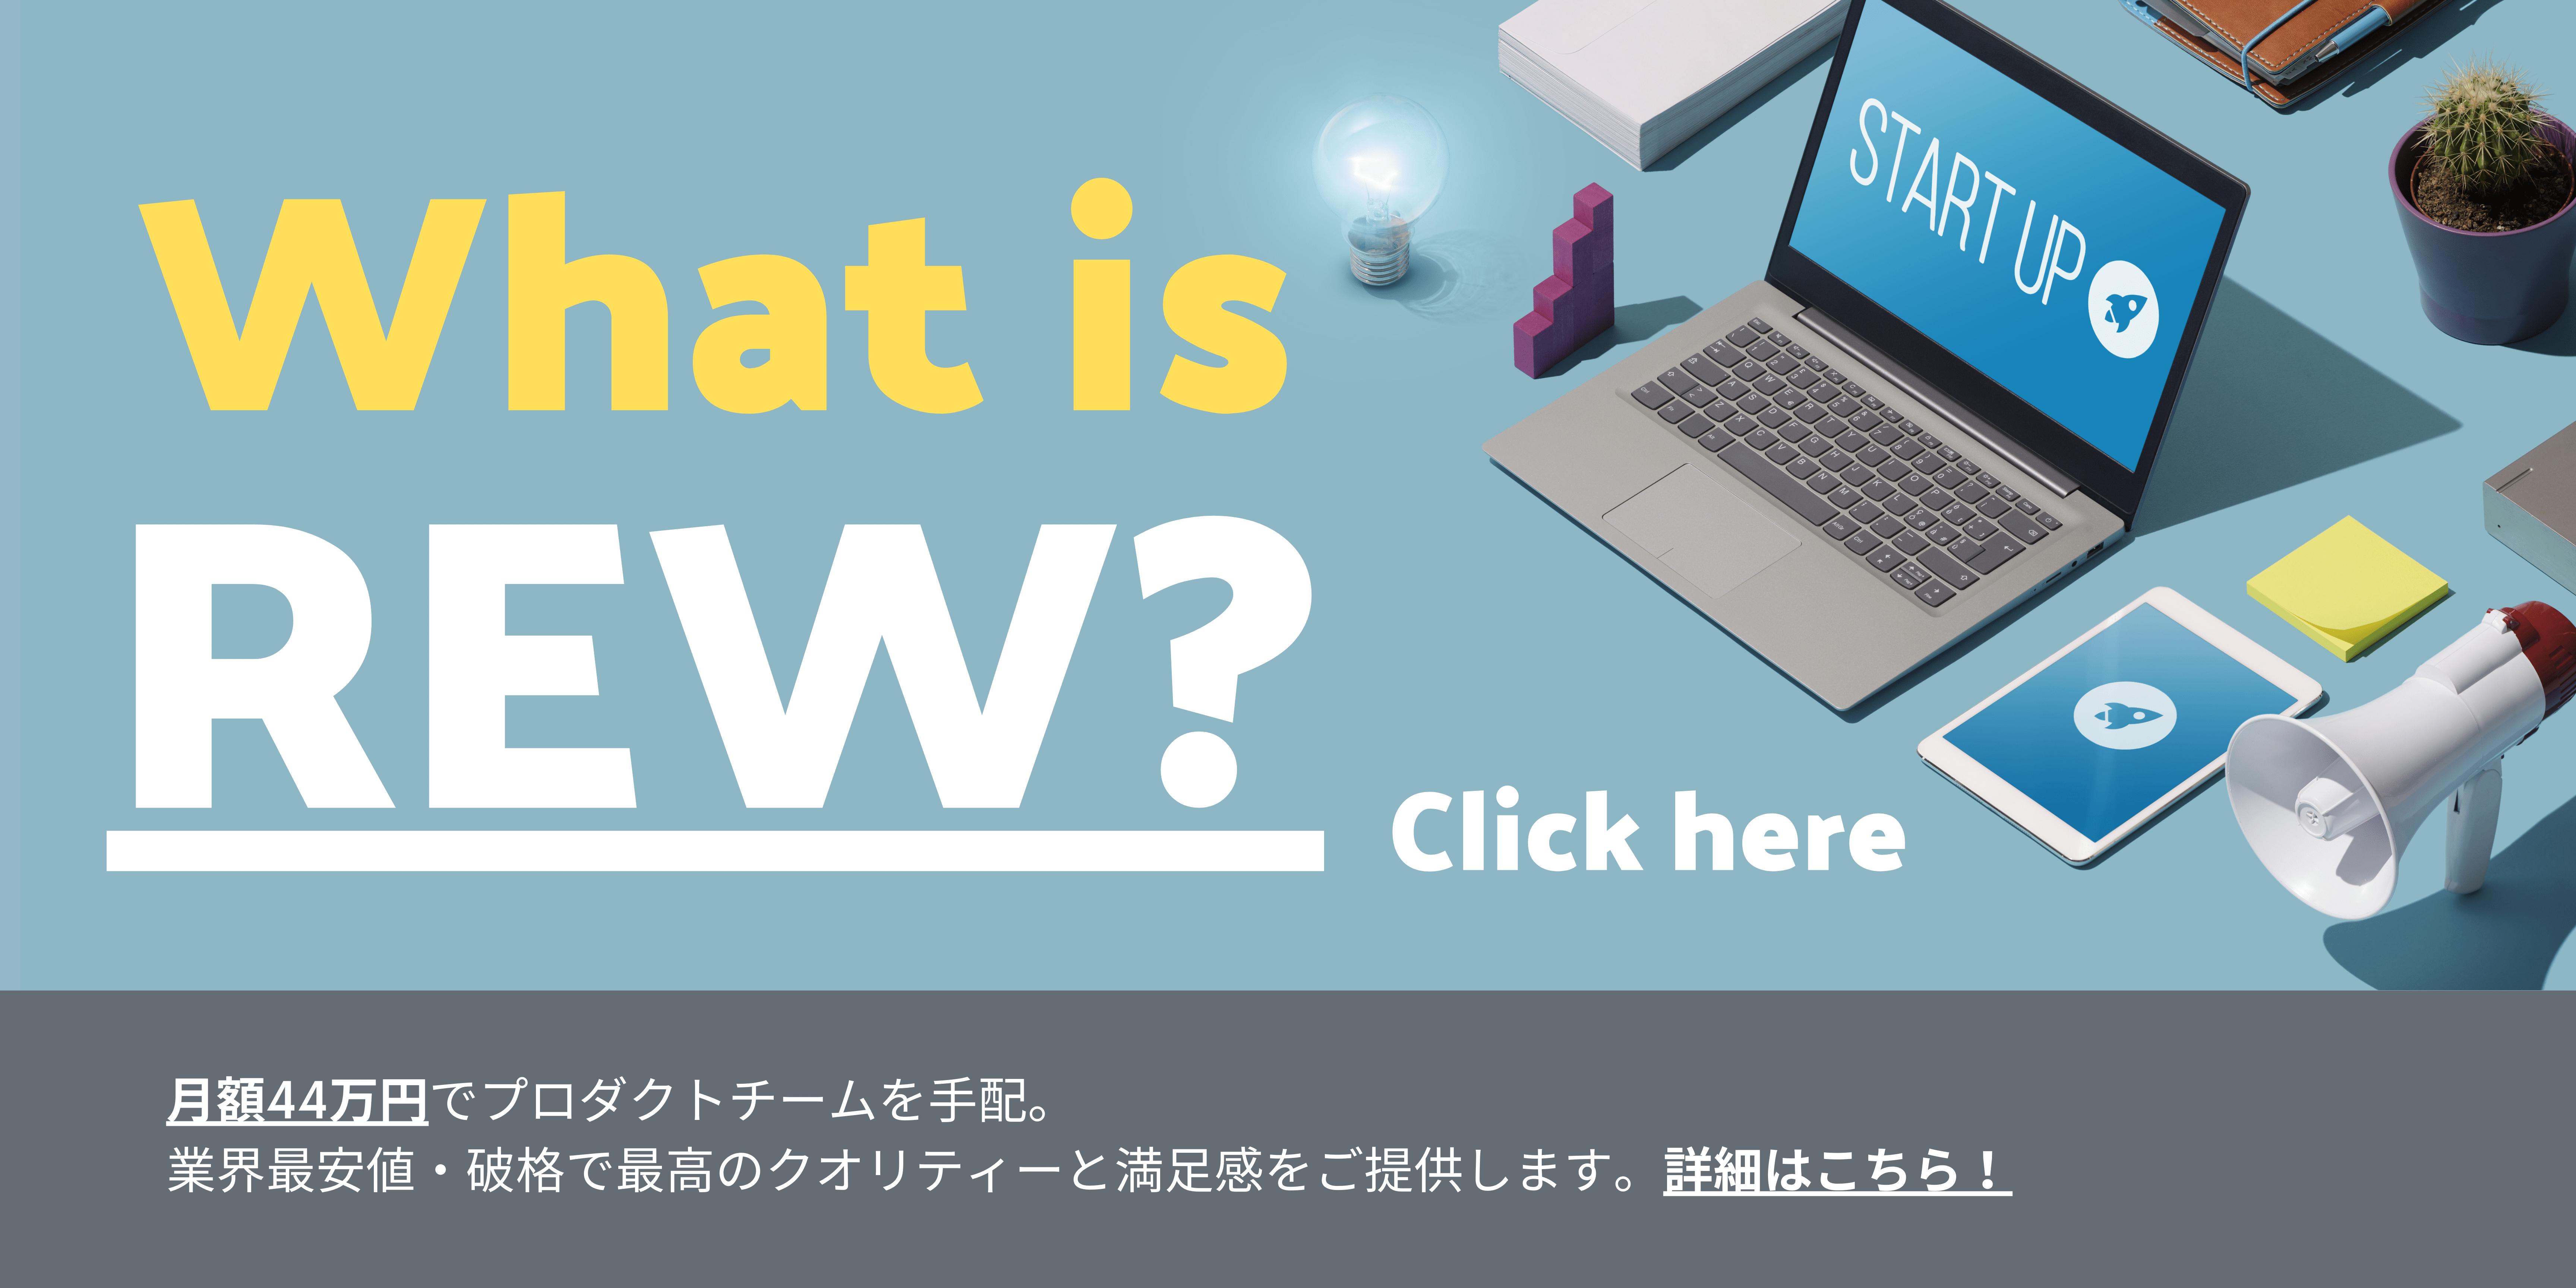 REW リモート・エンジニア・ワーク